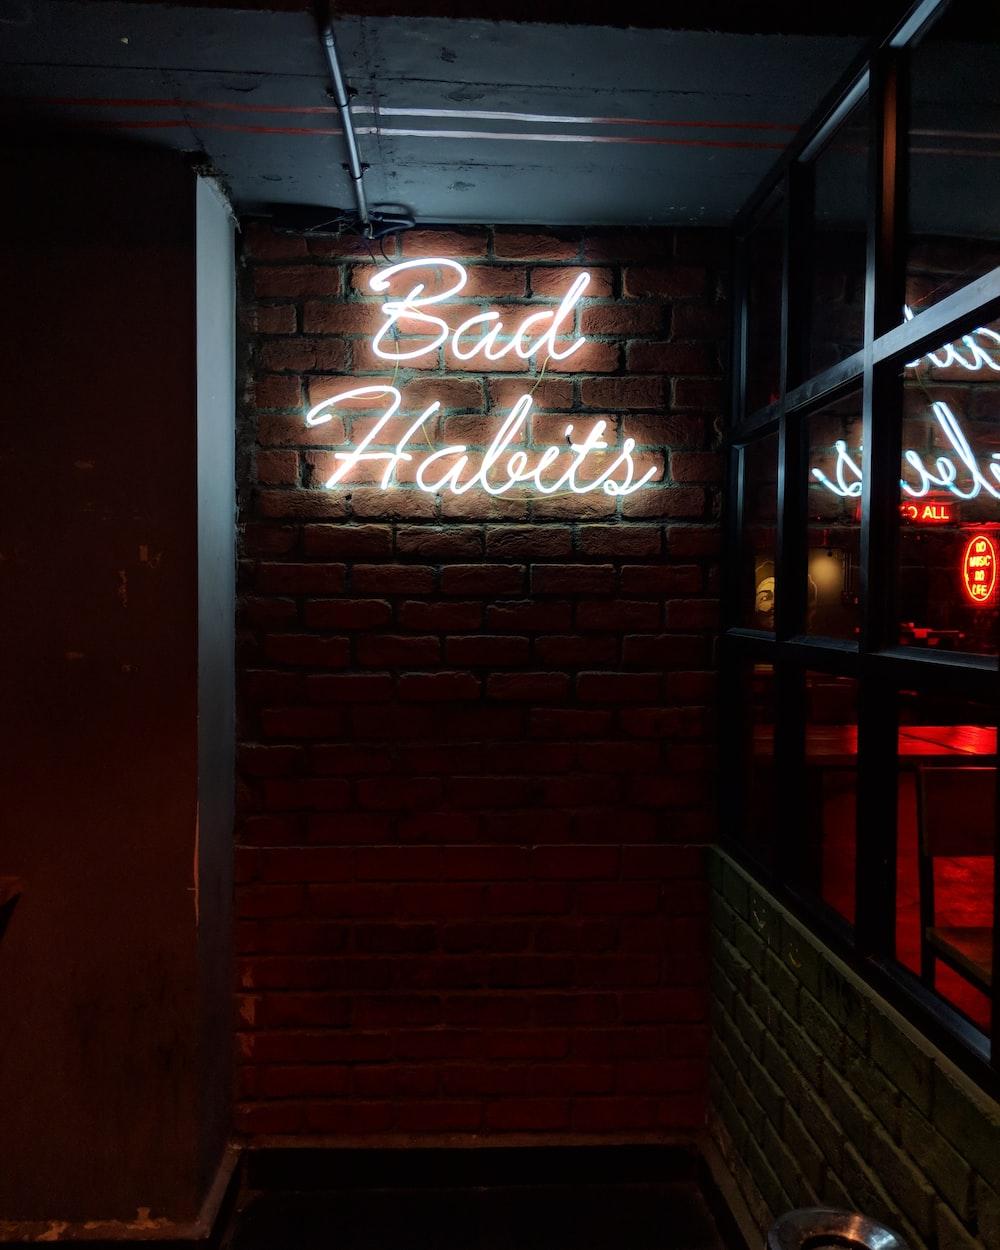 white bad habits LED signage